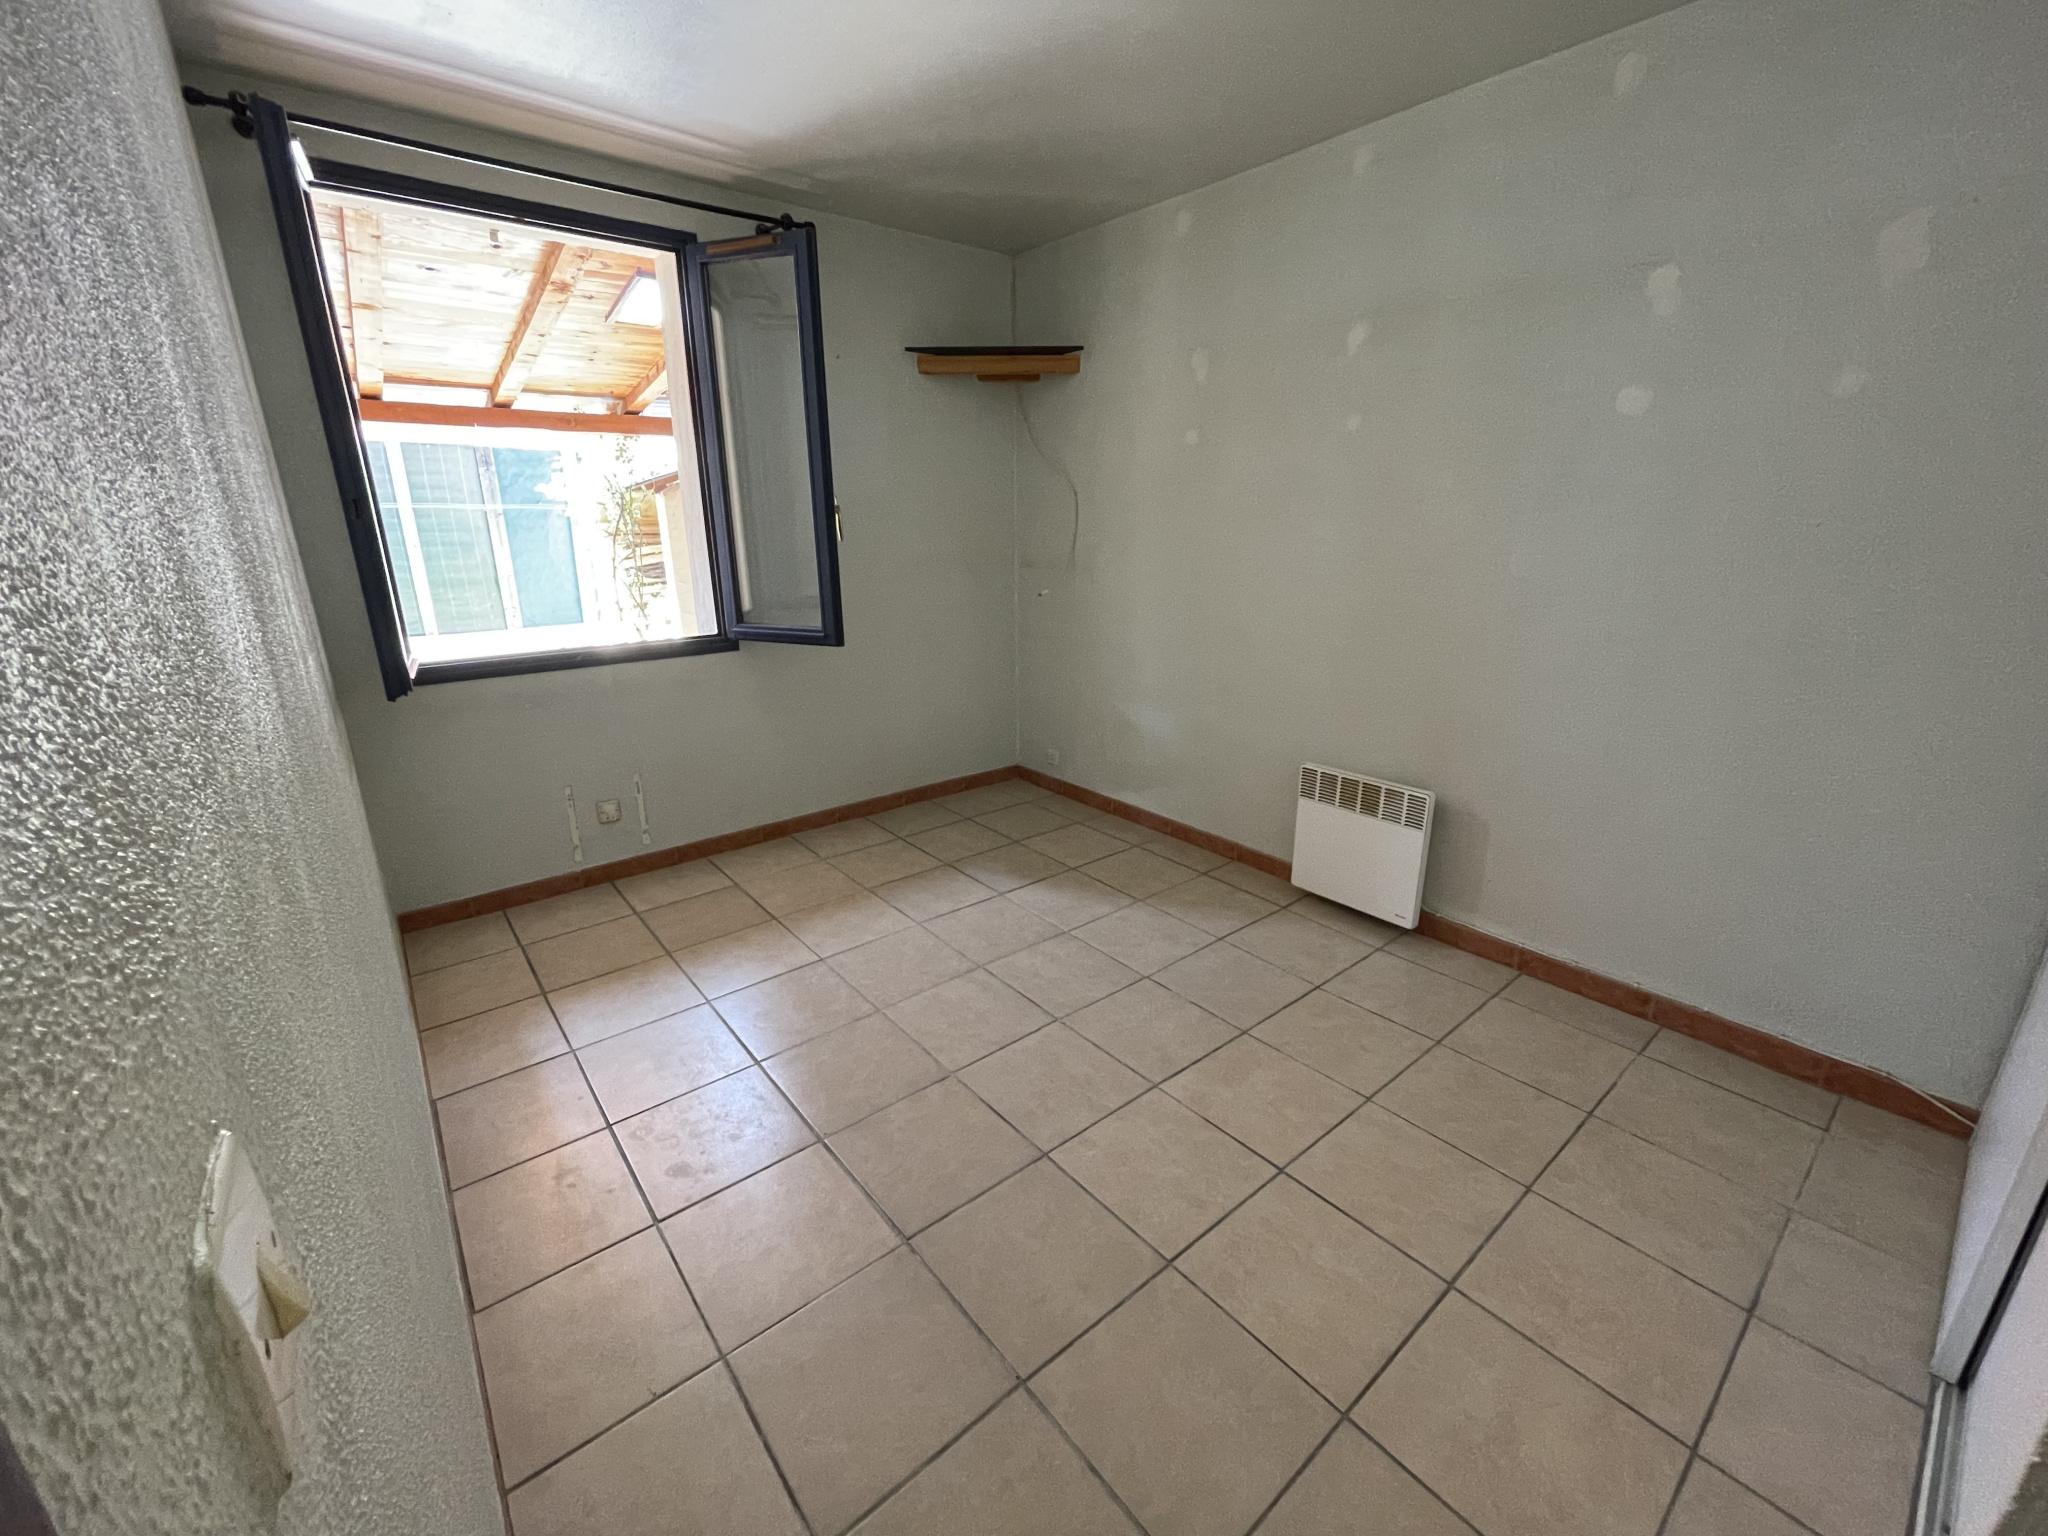 À vendre maison/villa de 100m2 à st genis des fontaines (66740) - Photo 21'